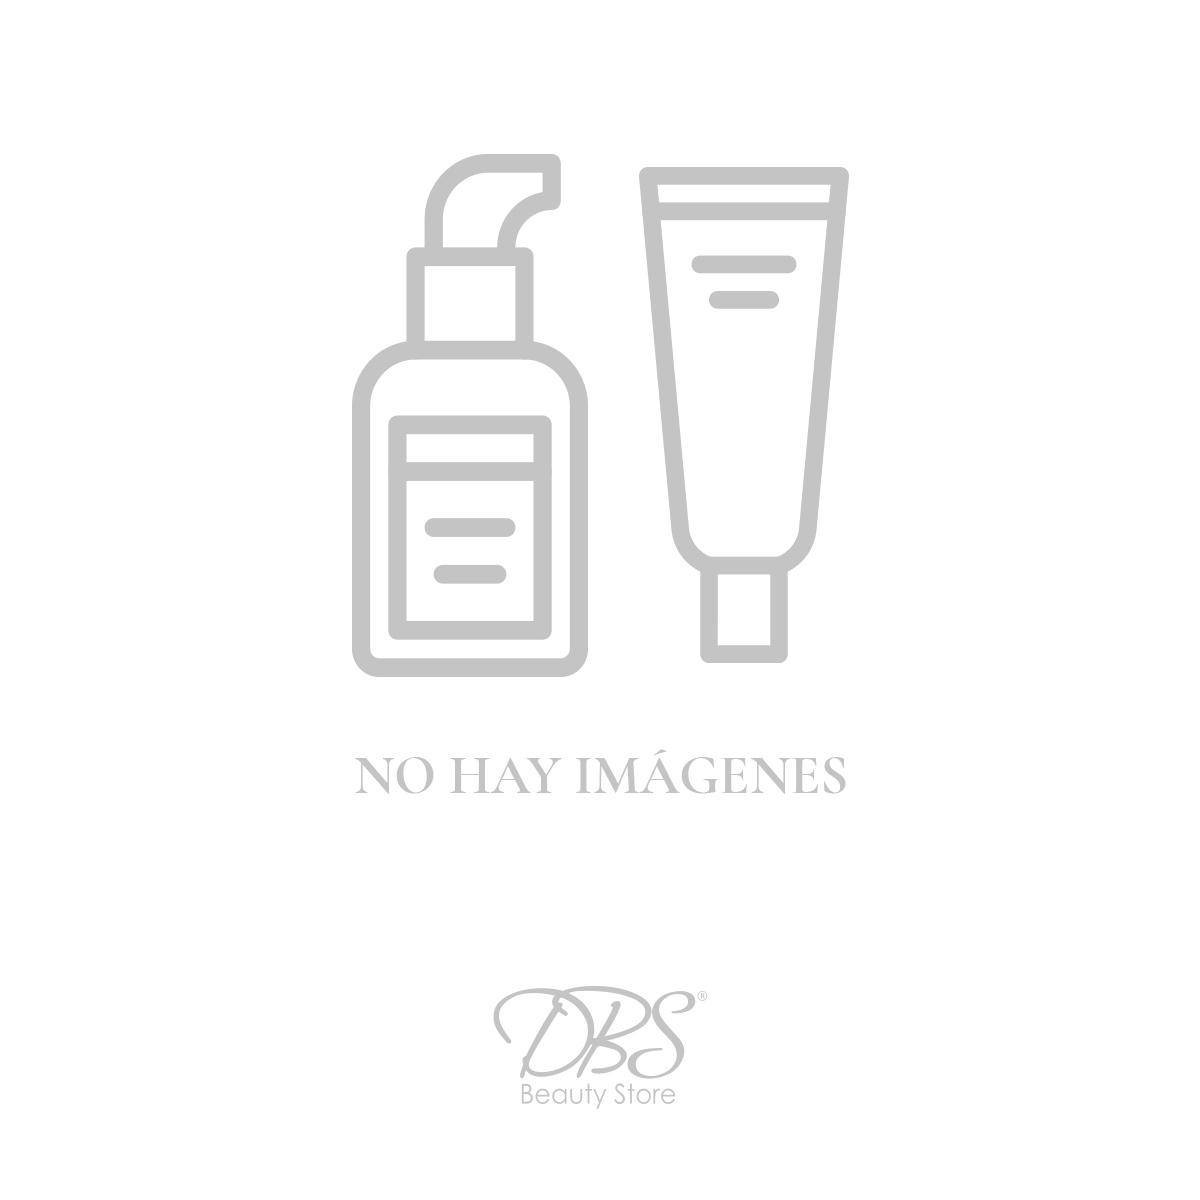 dbs-cosmetics-DBS-LI1040-MP.jpg